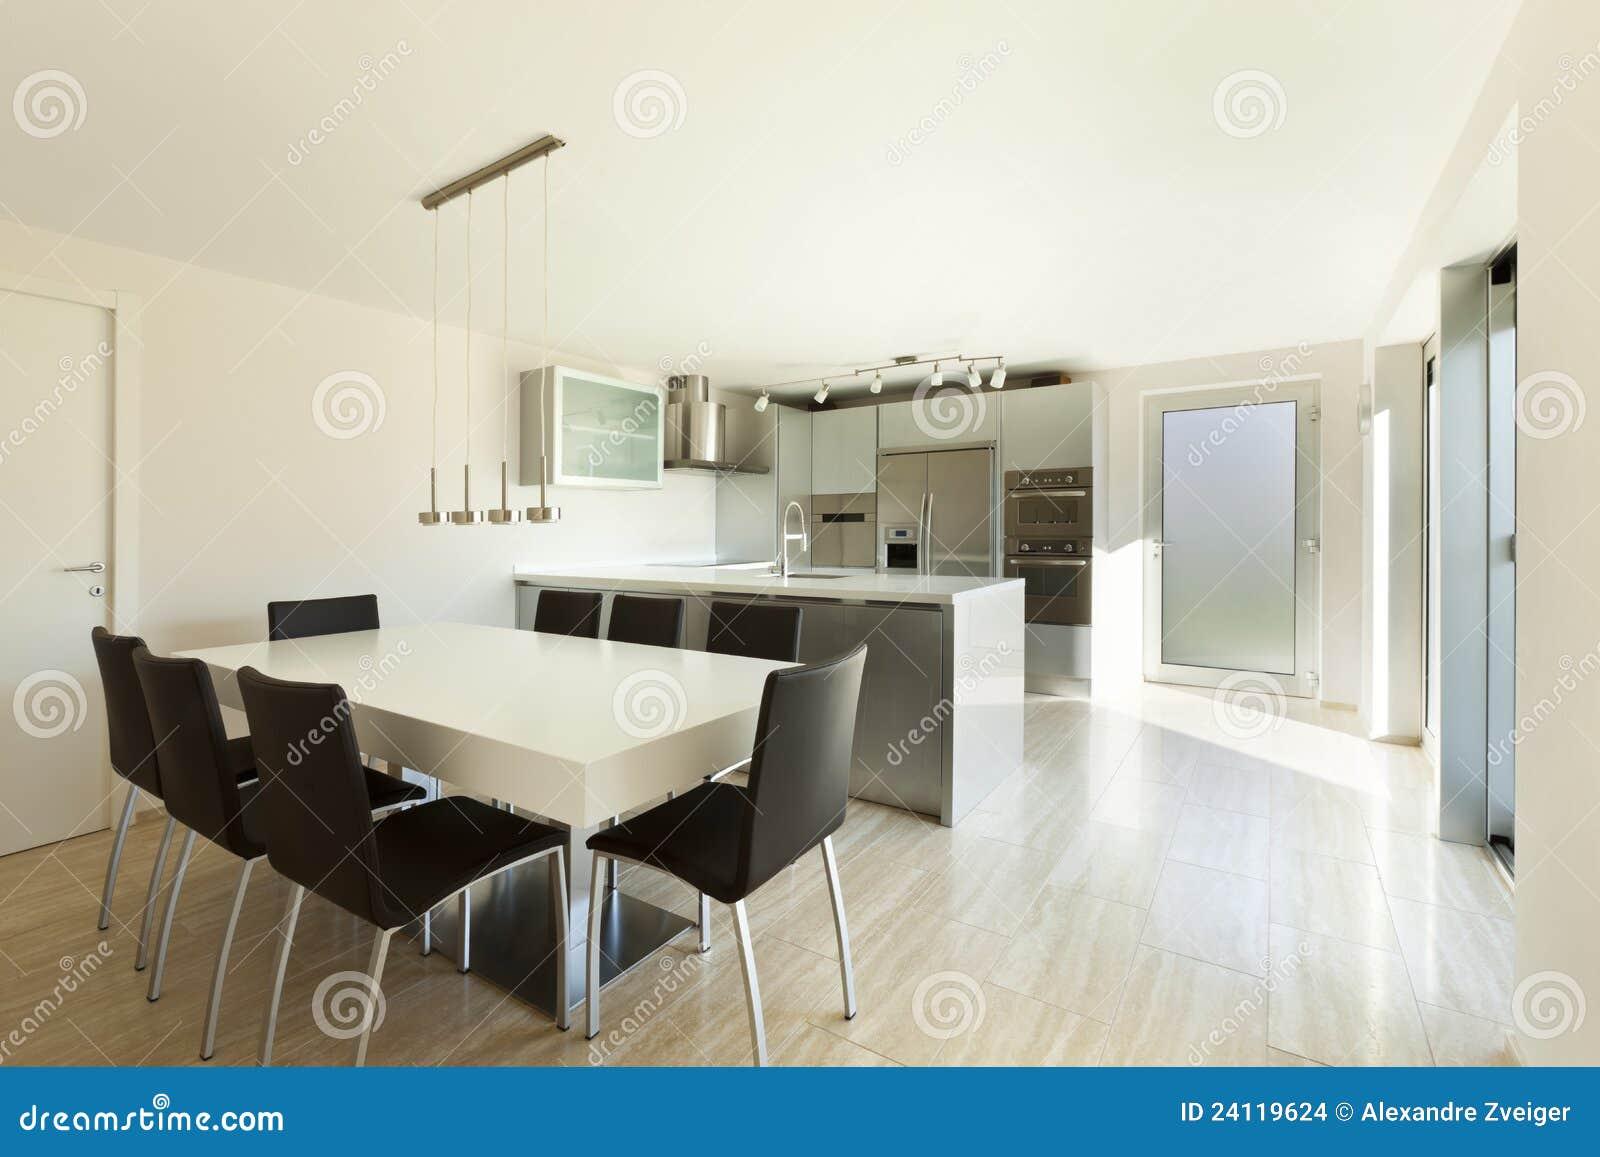 Schönes Modernes Haus, Innen Stockfoto - Bild von konkret, bequem ...